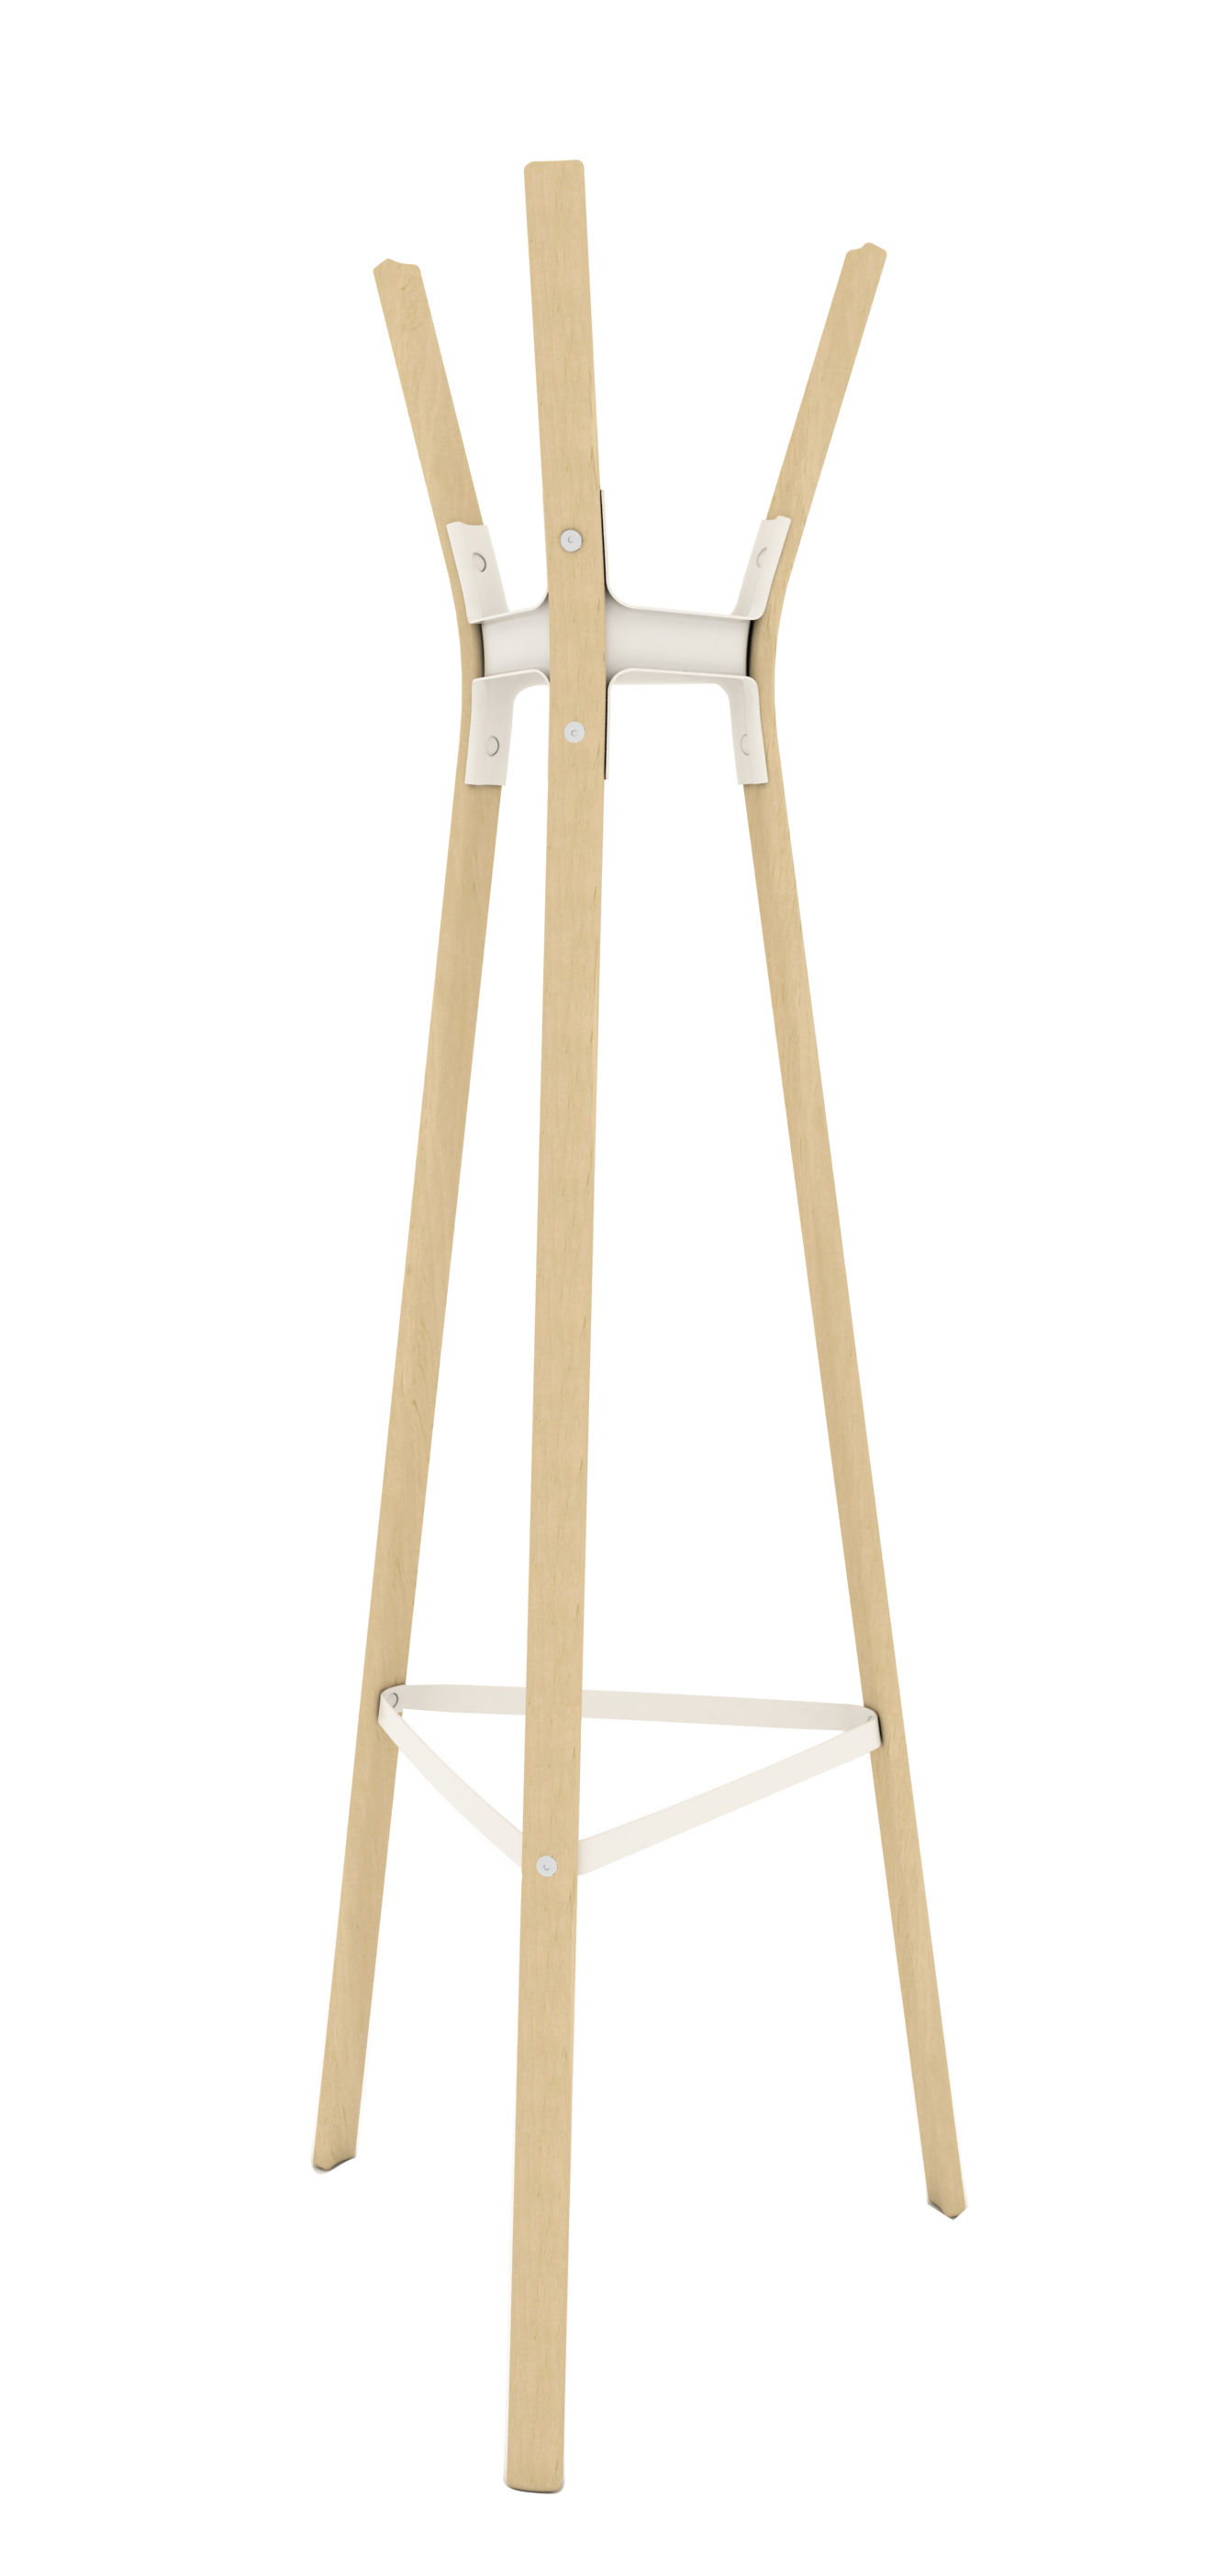 Mobilier - Portemanteaux, patères & portants - Portemanteau Steelwood - Magis - Blanc / Hêtre - Acier verni, Hêtre